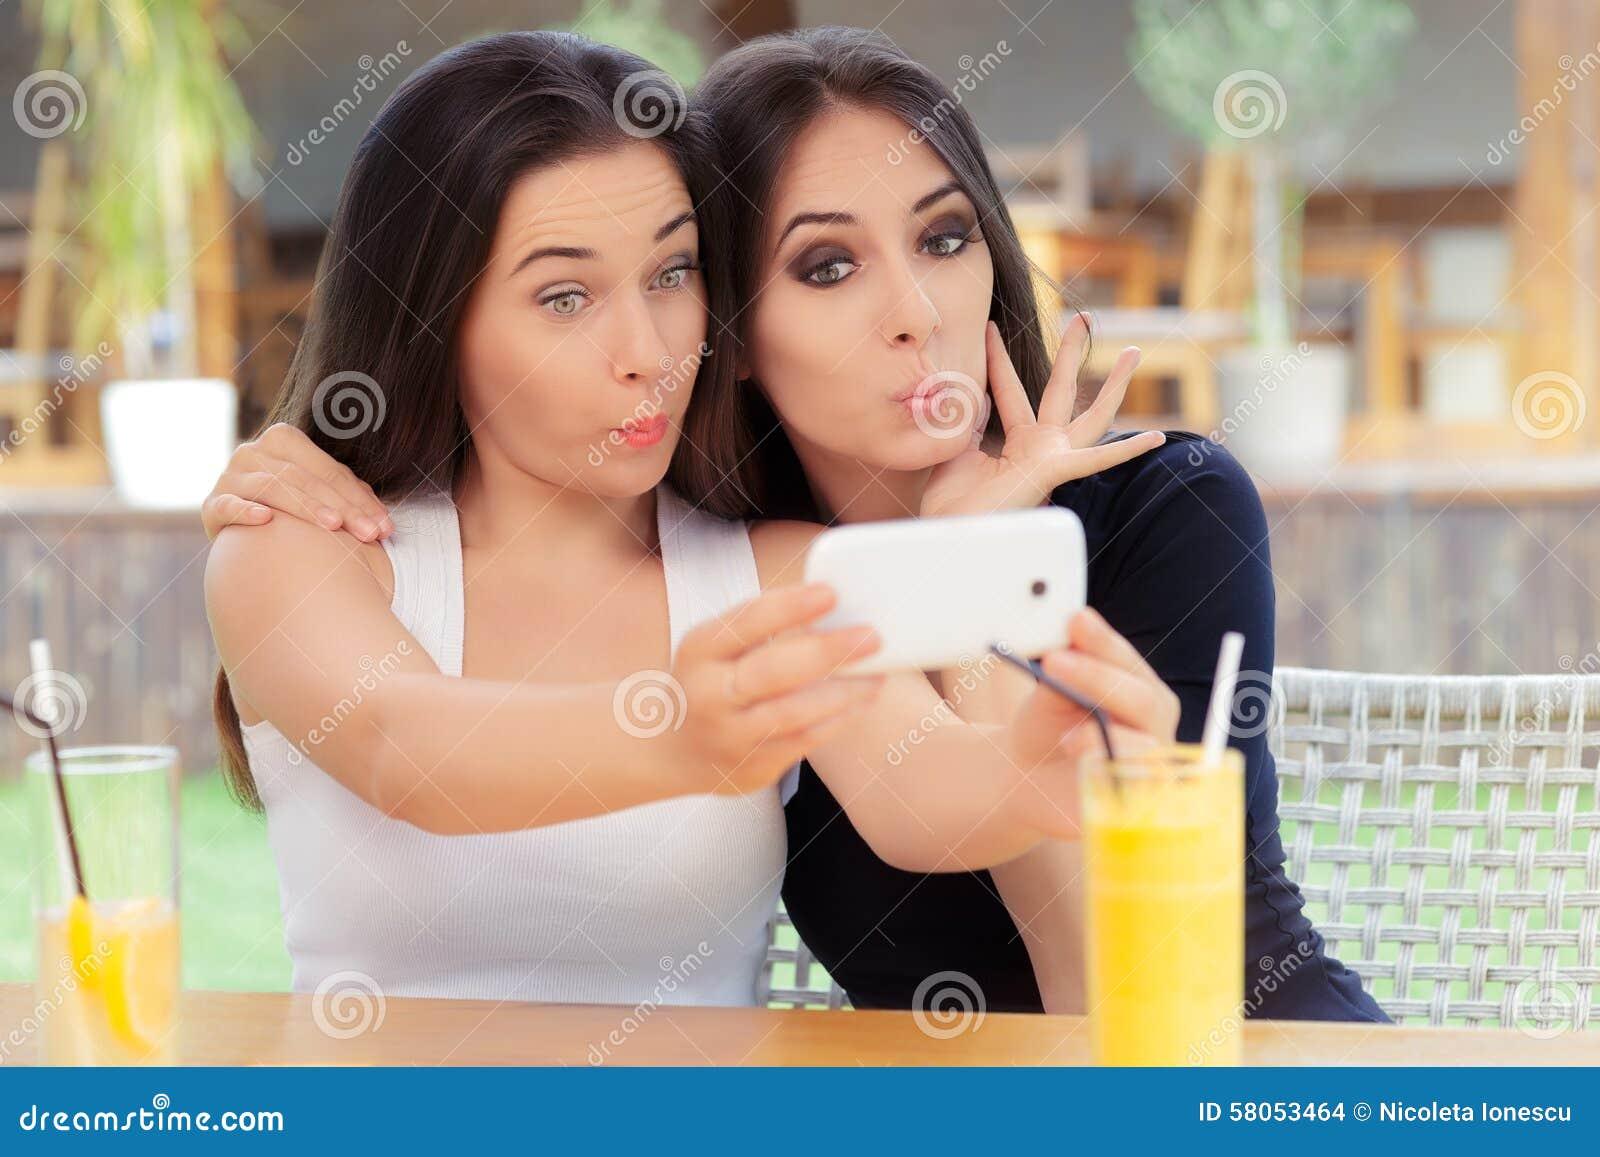 Horny silly selfie teens video 373 - 5 10